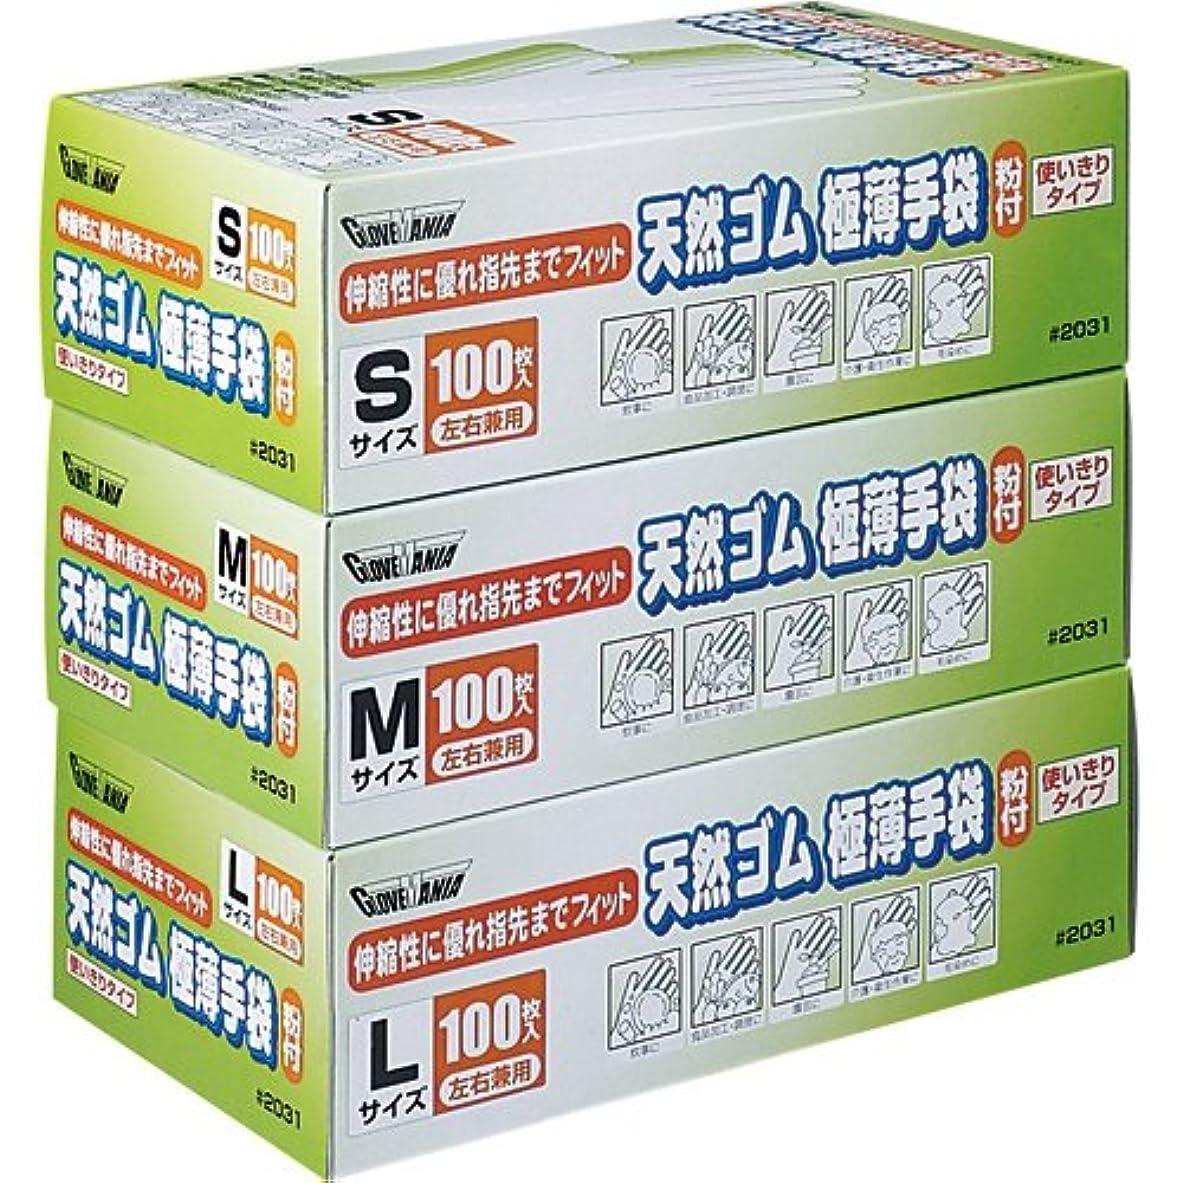 受粉する挨拶ハンサム川西工業 天然ゴム極薄手袋 粉付 M #2031 1セット(1000枚:100枚×10箱)